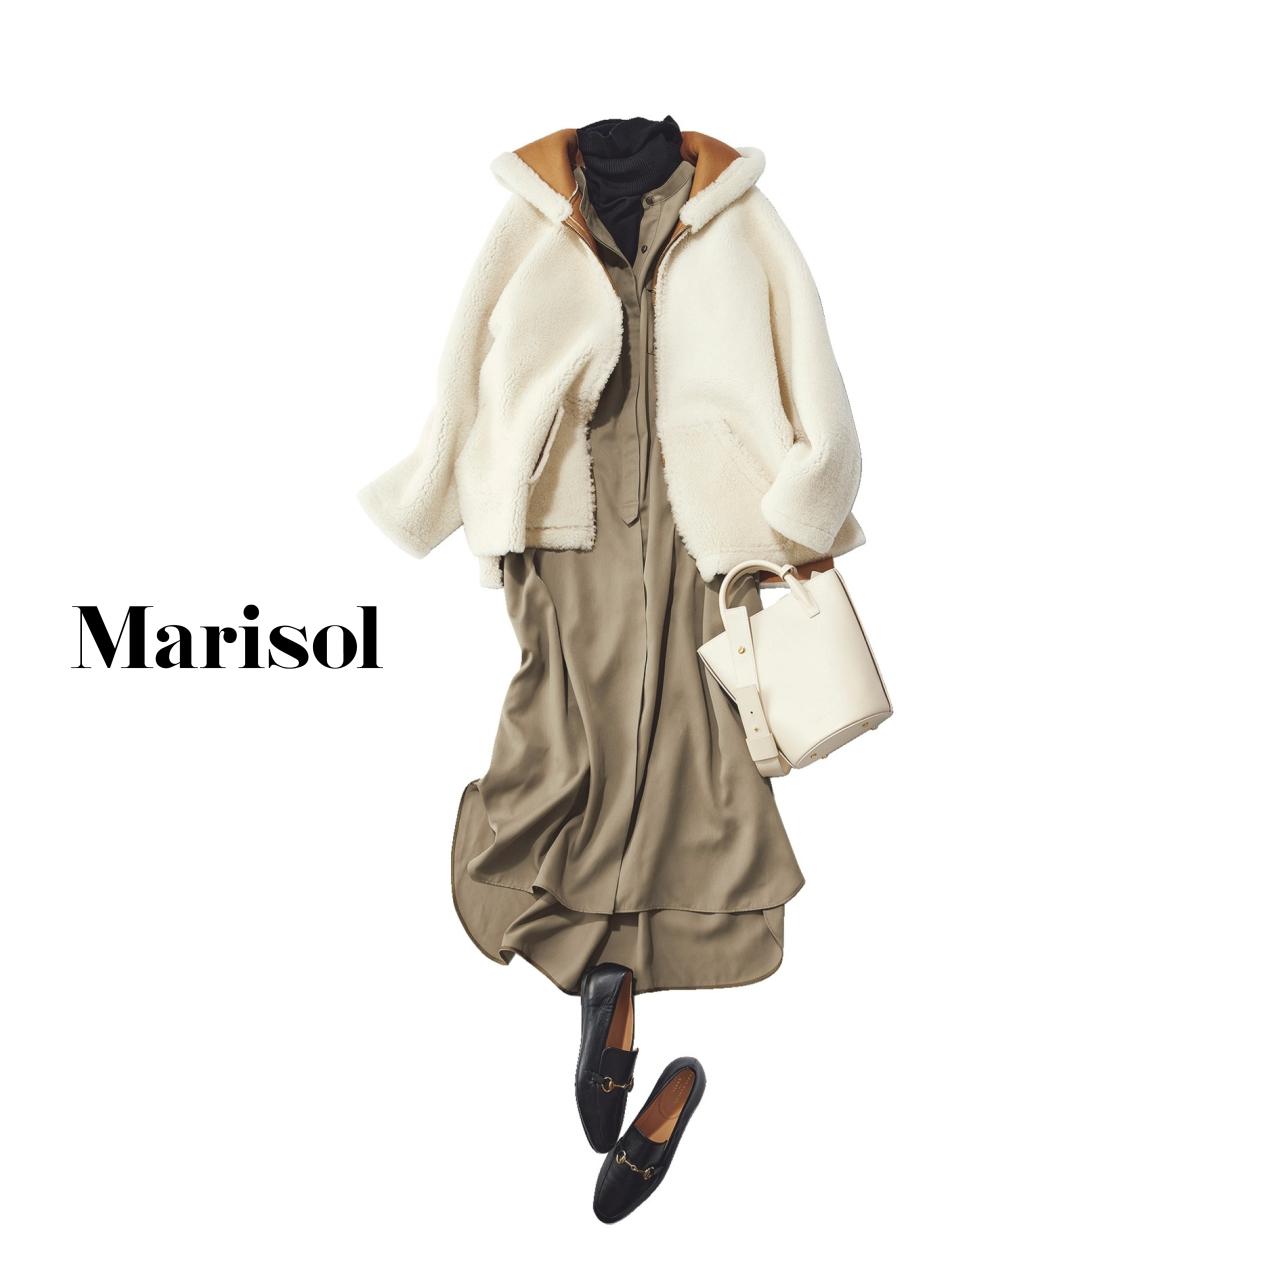 40代ファッション ワンピース×タートルネック×もこもこジャケットコーデ